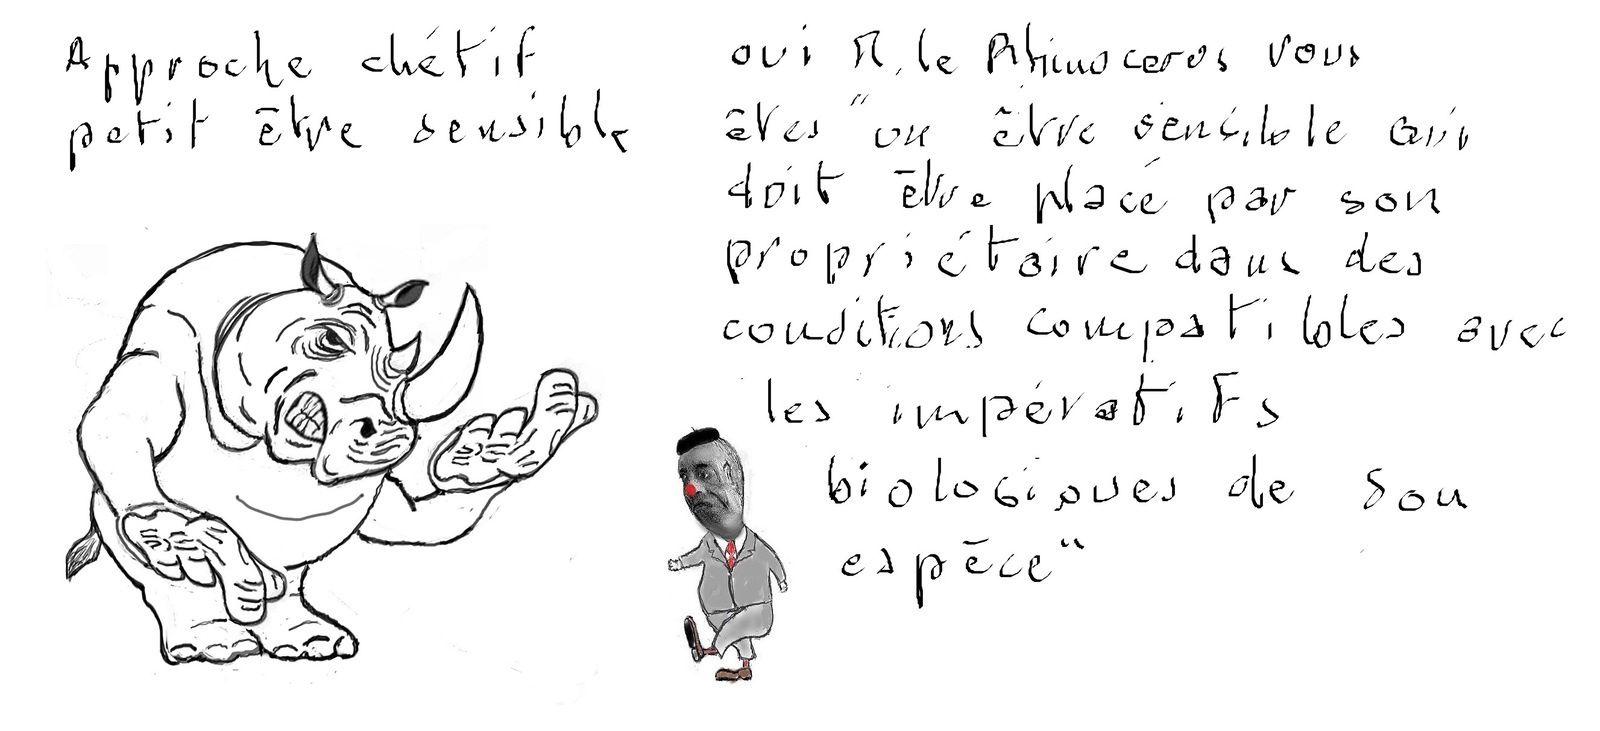 Les animaux en France ne seront plus dans un proche avenir des choses